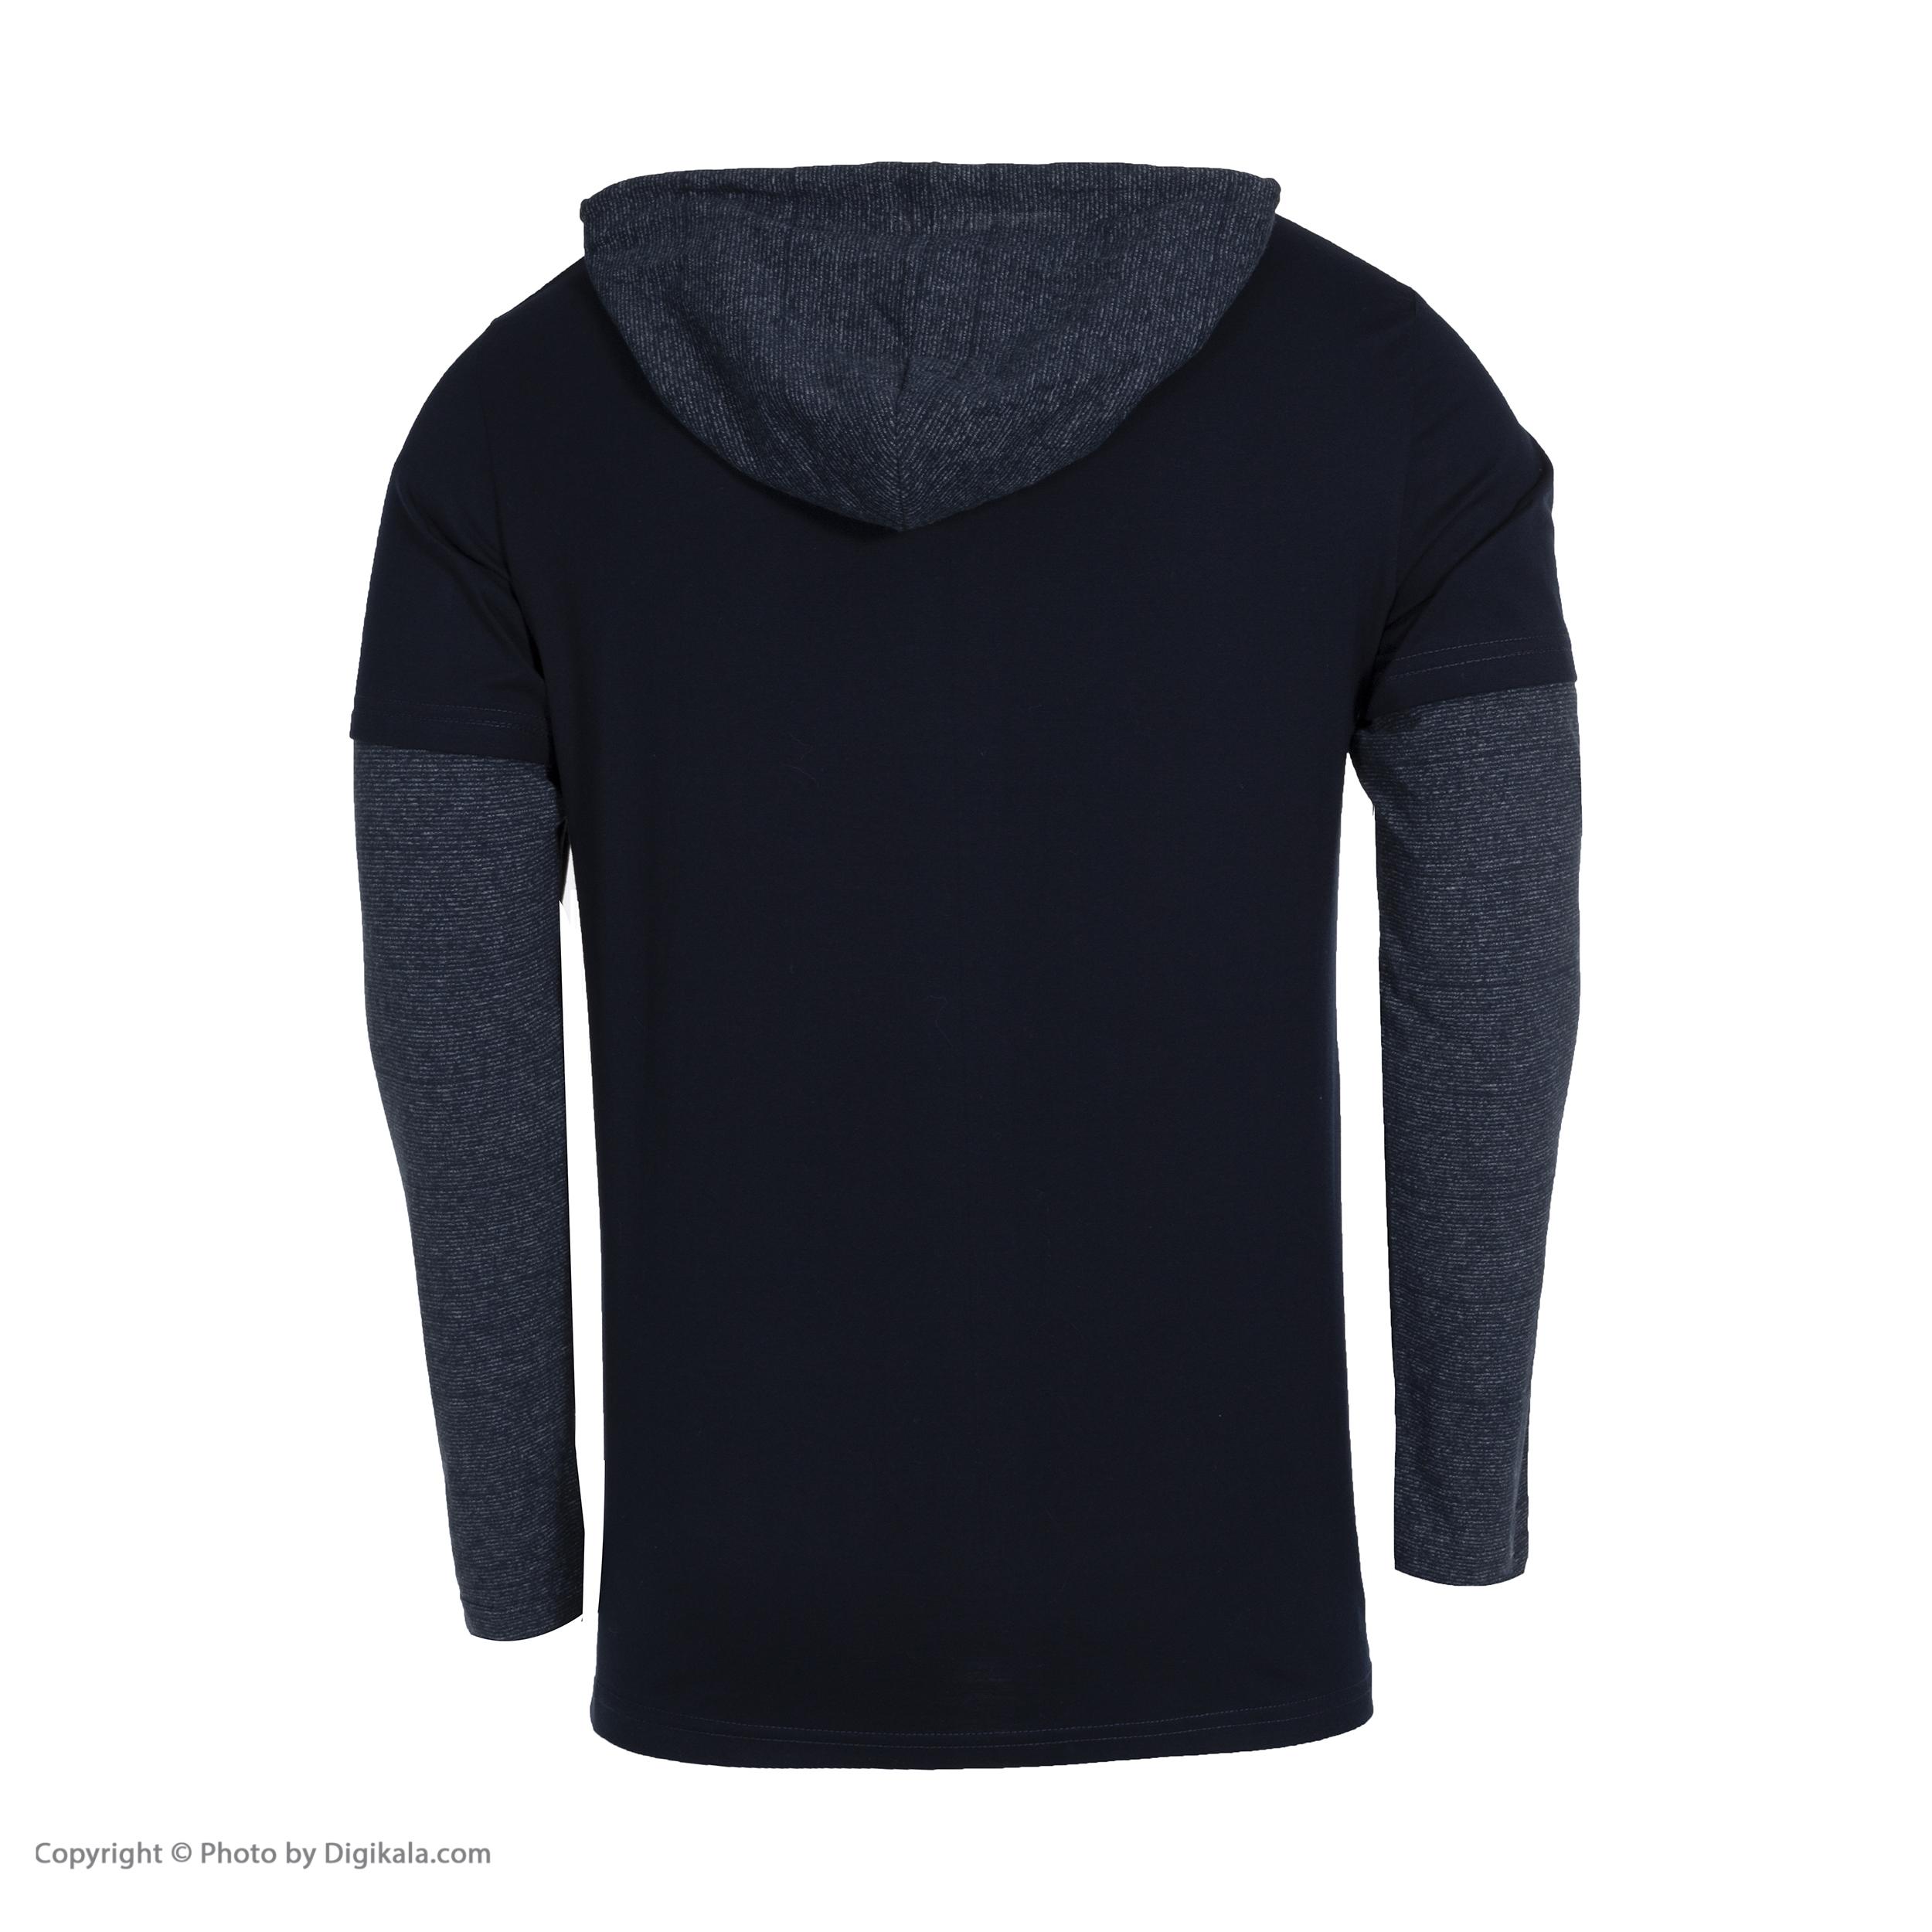 تی شرت آستین بلند مردانه باینت کد 354-2